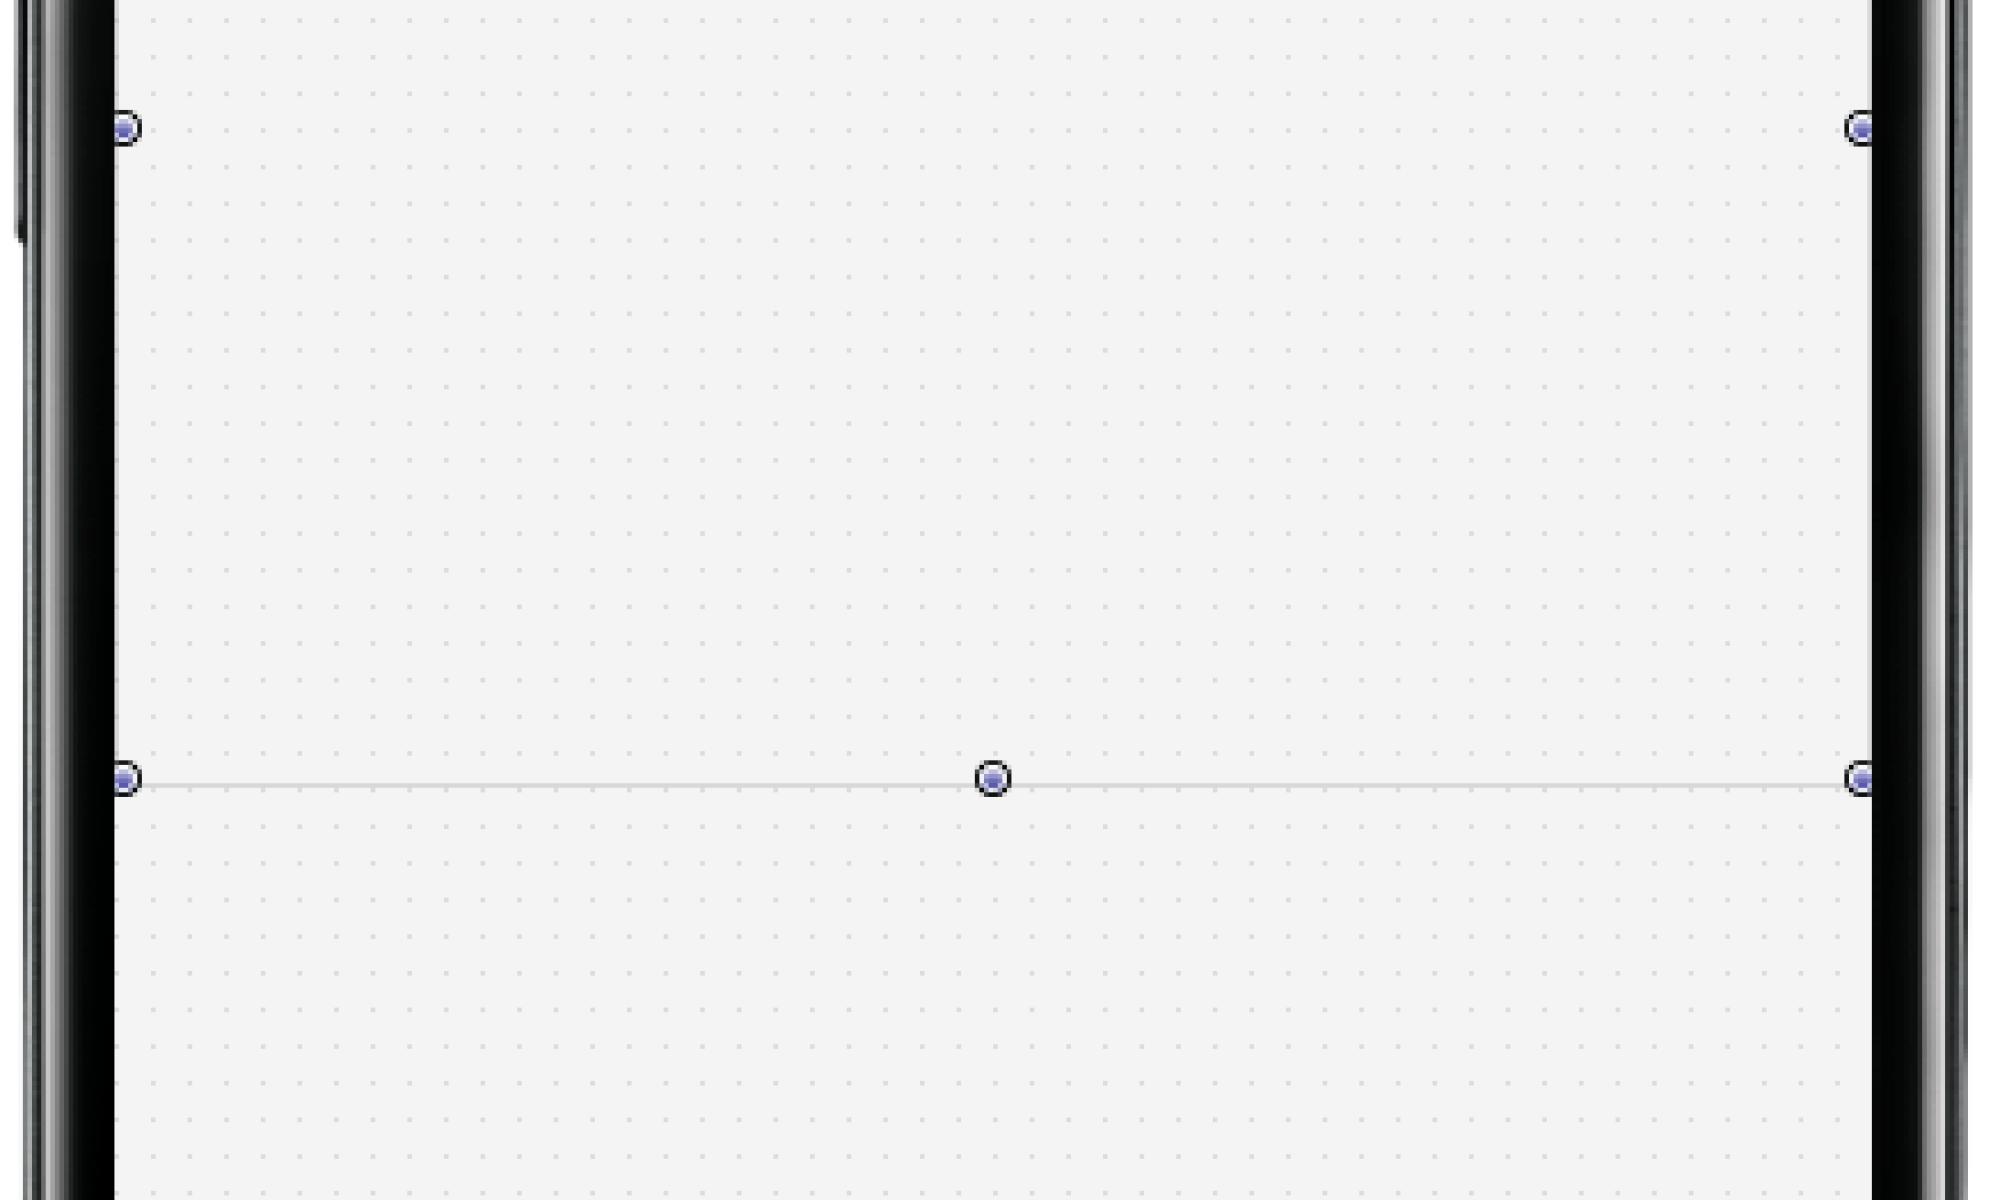 Interface Final da Aplicação - Gestos